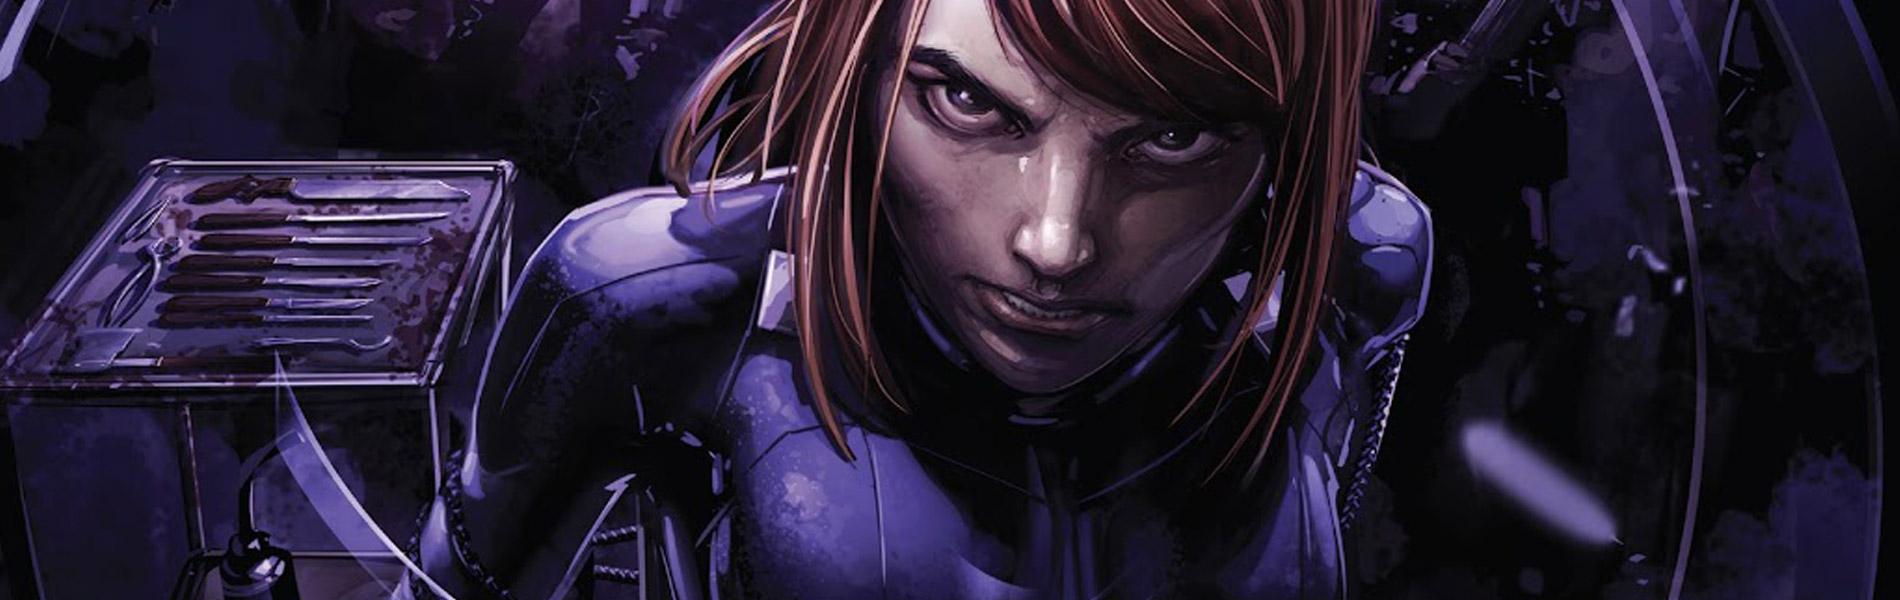 God of Comics – Black Widow: No Restraints Play